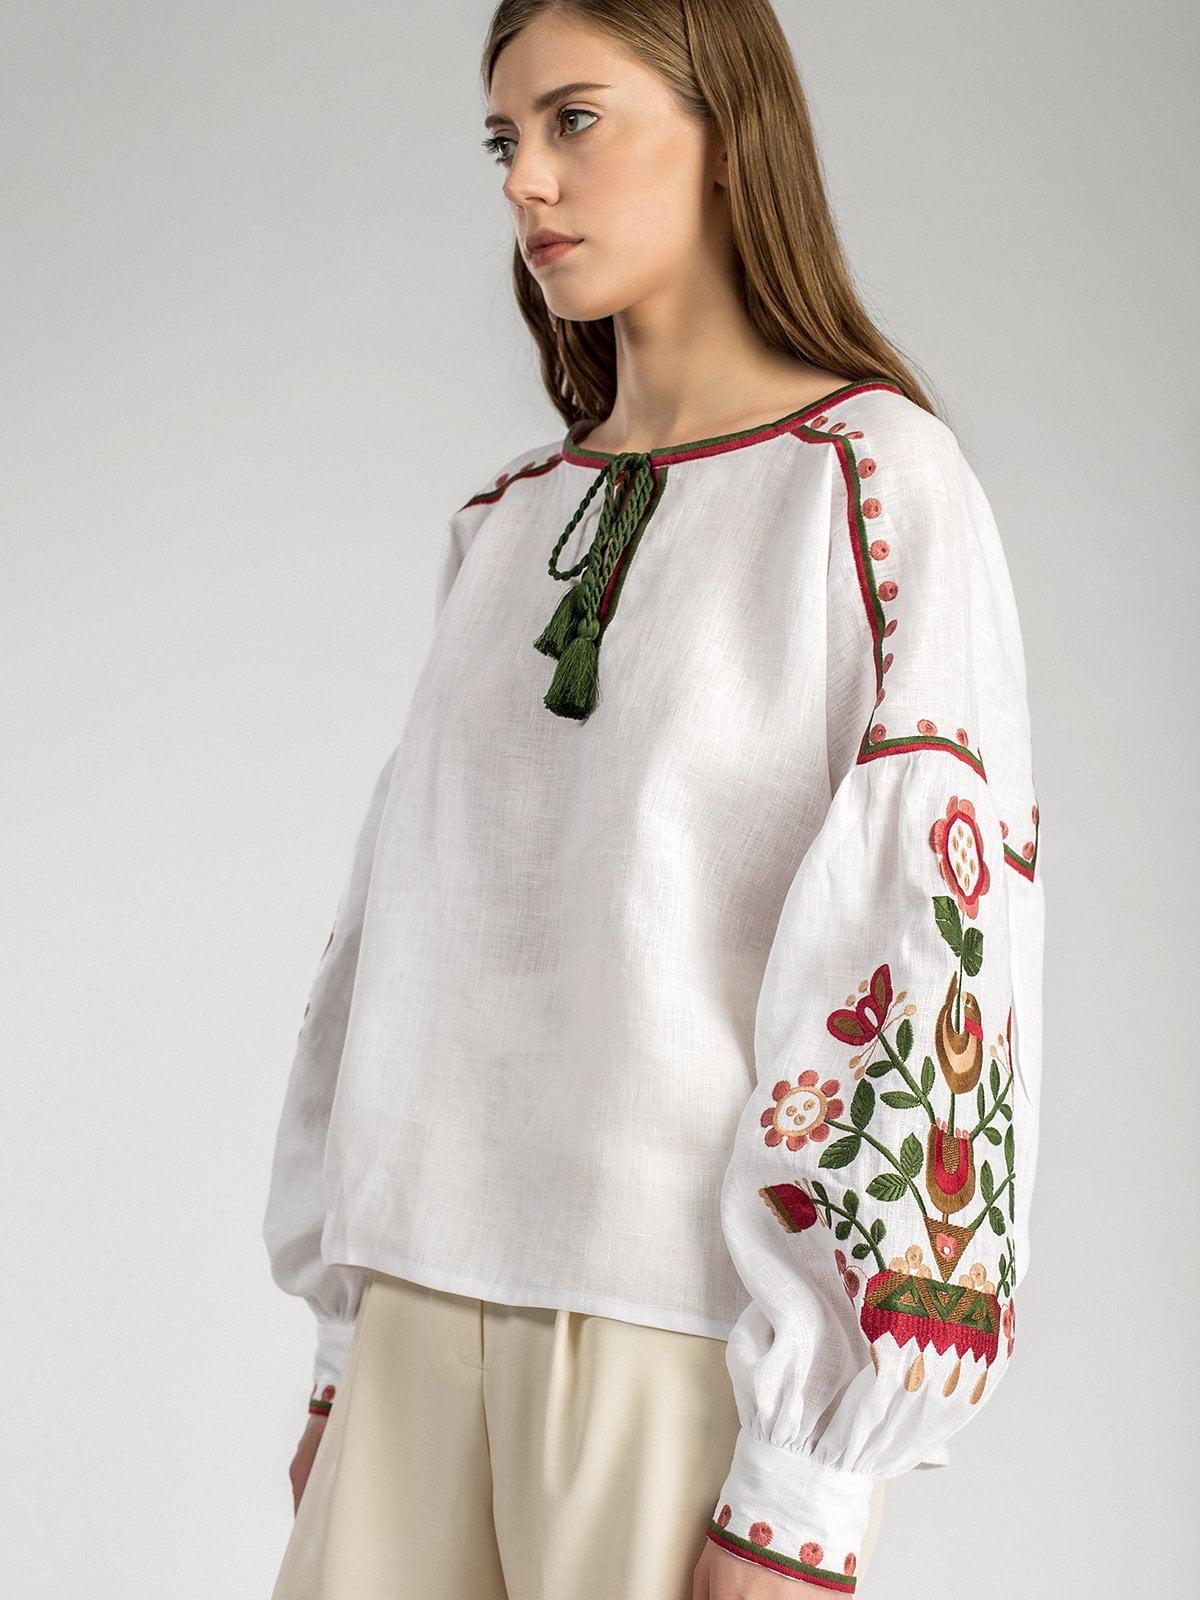 Біла жіноча вишиванка East Bird – купити в Києві та Українi  facf4d03ed396